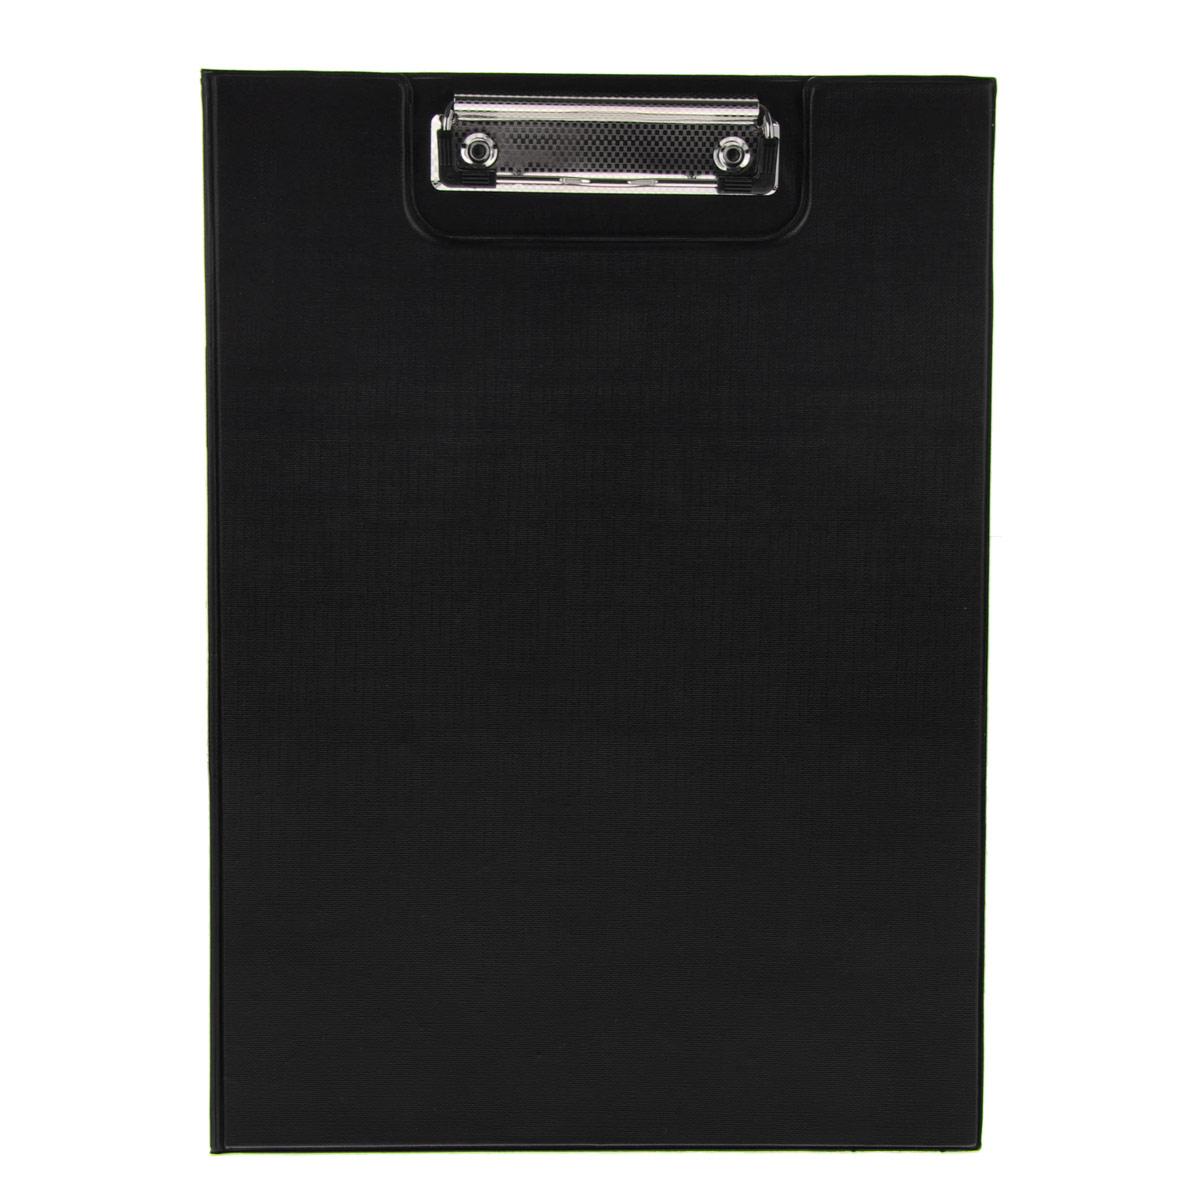 Папка-планшет Centrum, с крышкой, цвет: черный. Формат А480028Папка-планшет (клипборд) Centrum - это удобный и практичный инструмент для работы с документацией. Клипборд изготовлен из жесткого картона, обтянутого пленкой из ПВХ. Благодаря своей жесткости папка-планшет позволяет делать записи навесу. Металлический зажим надежно фиксирует листы, предотвращая сползание бумаги. Широкая крышка обеспечивает сохранность документов и защищает их от пыли и влаги. Папка-планшет будет незаменима для работы с документацией в дороге или на складе, а также может быть использована для подготовки и хранения текстов выступлений или докладов.